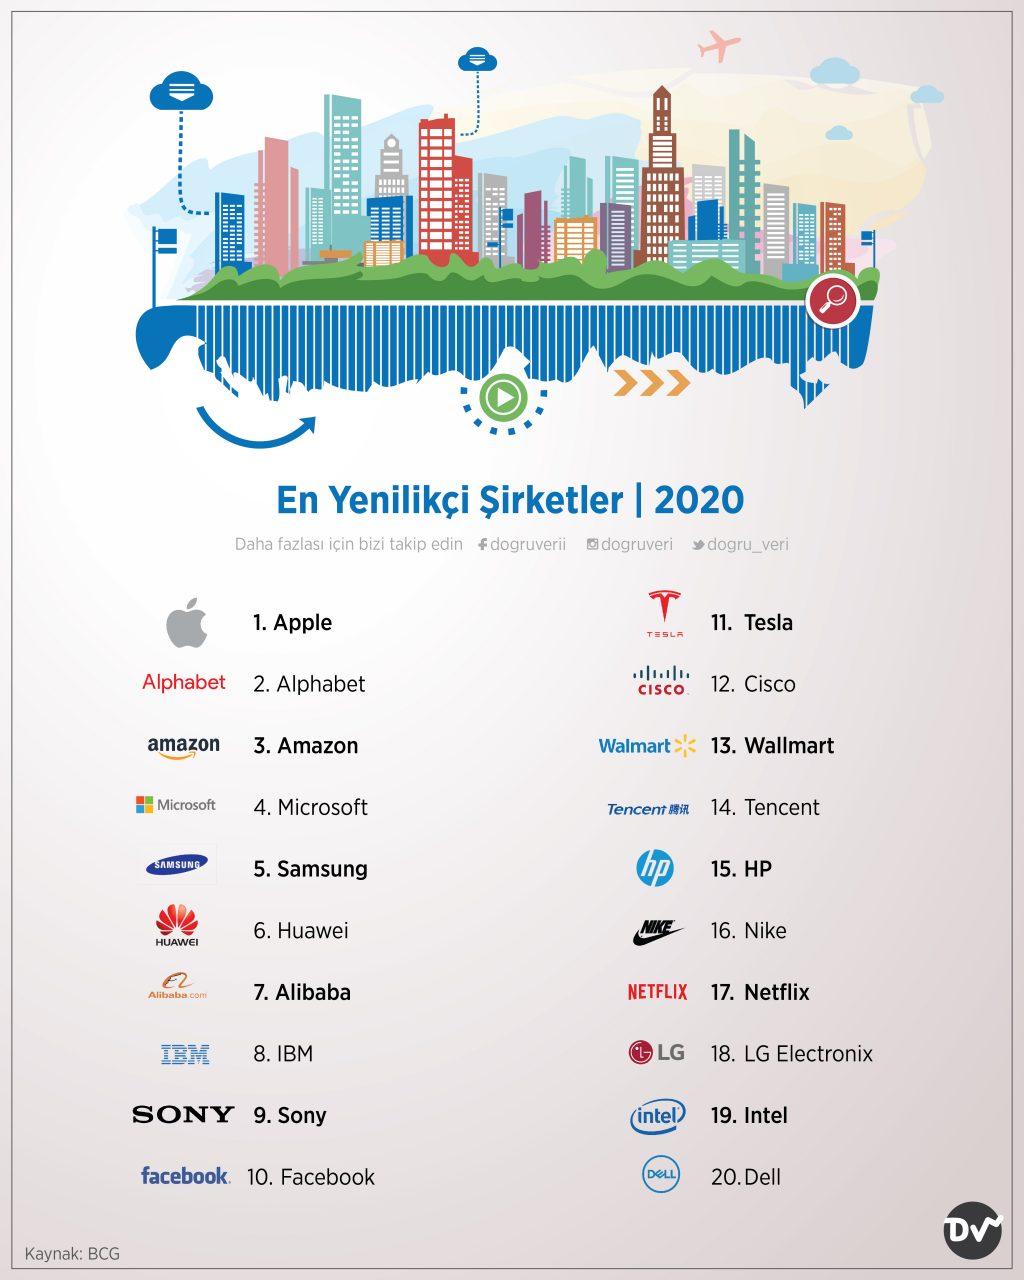 En Yenilikçi Şirketler, 2020